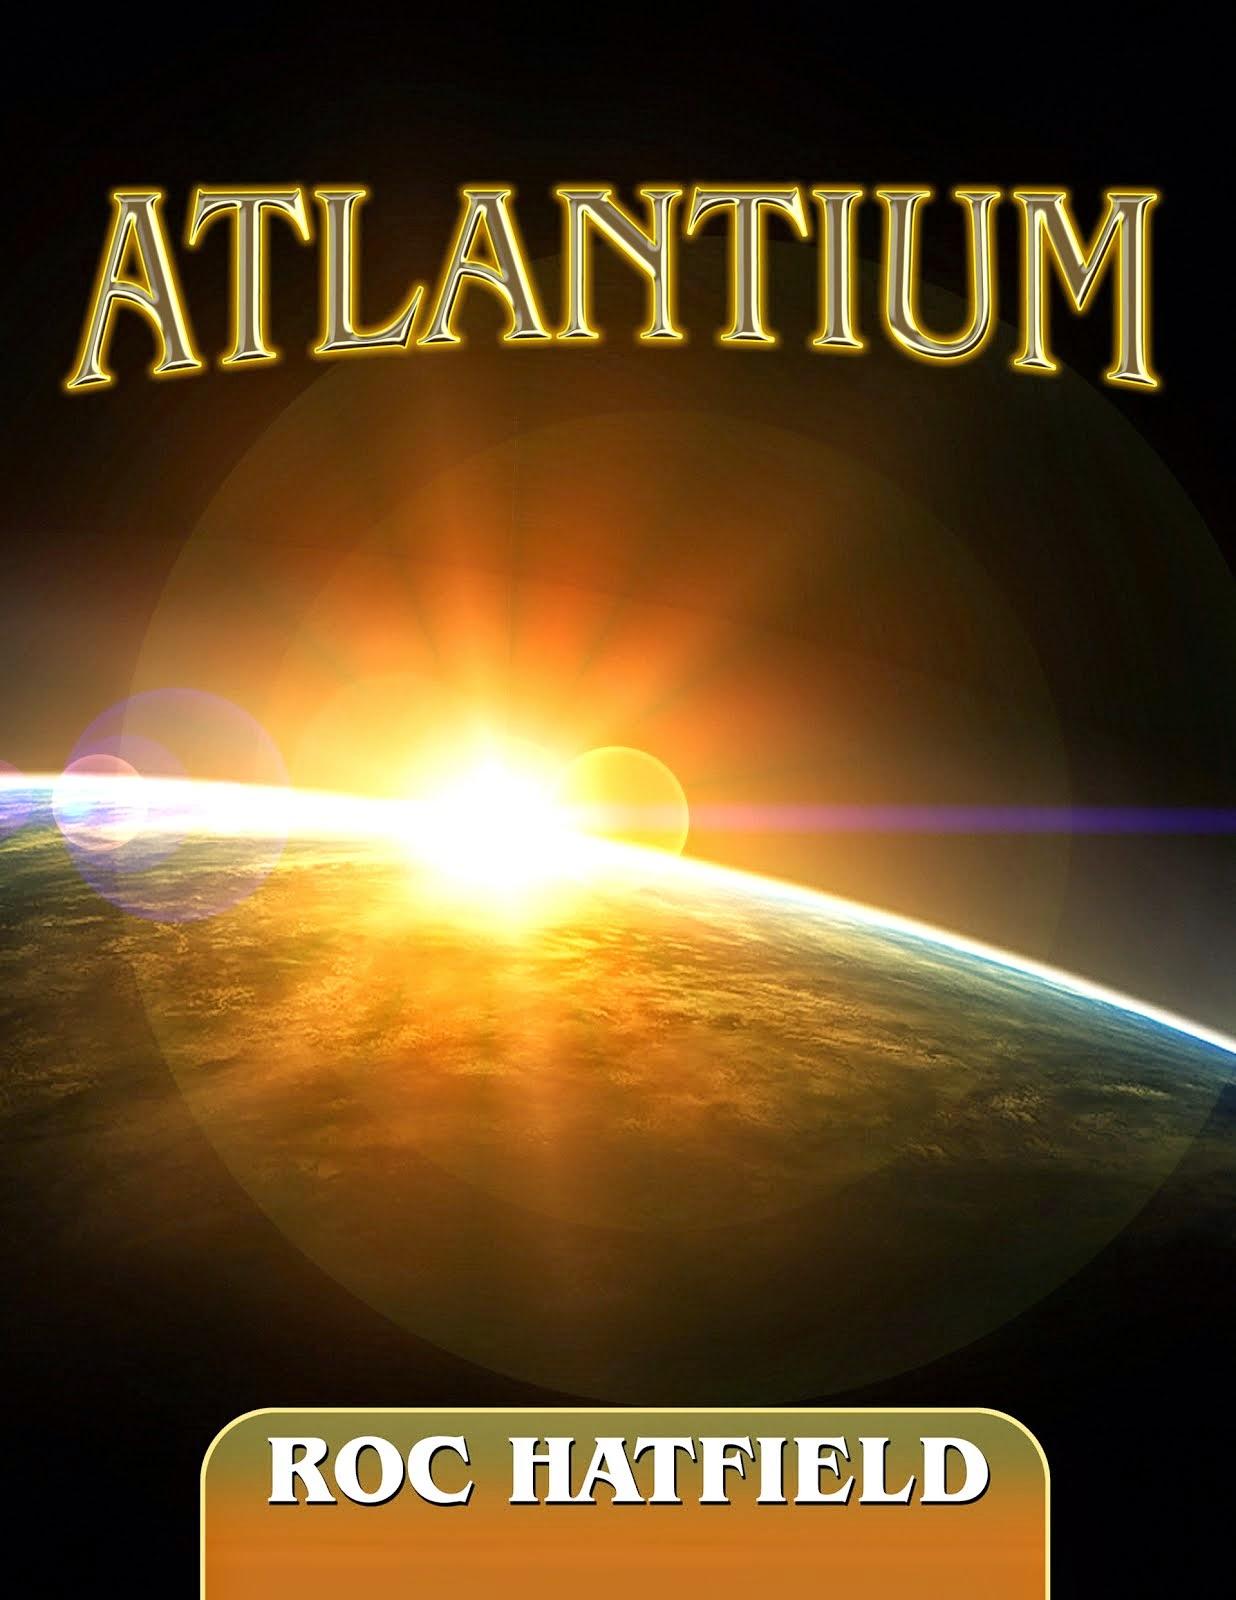 THE ATLANTIUM SERIES